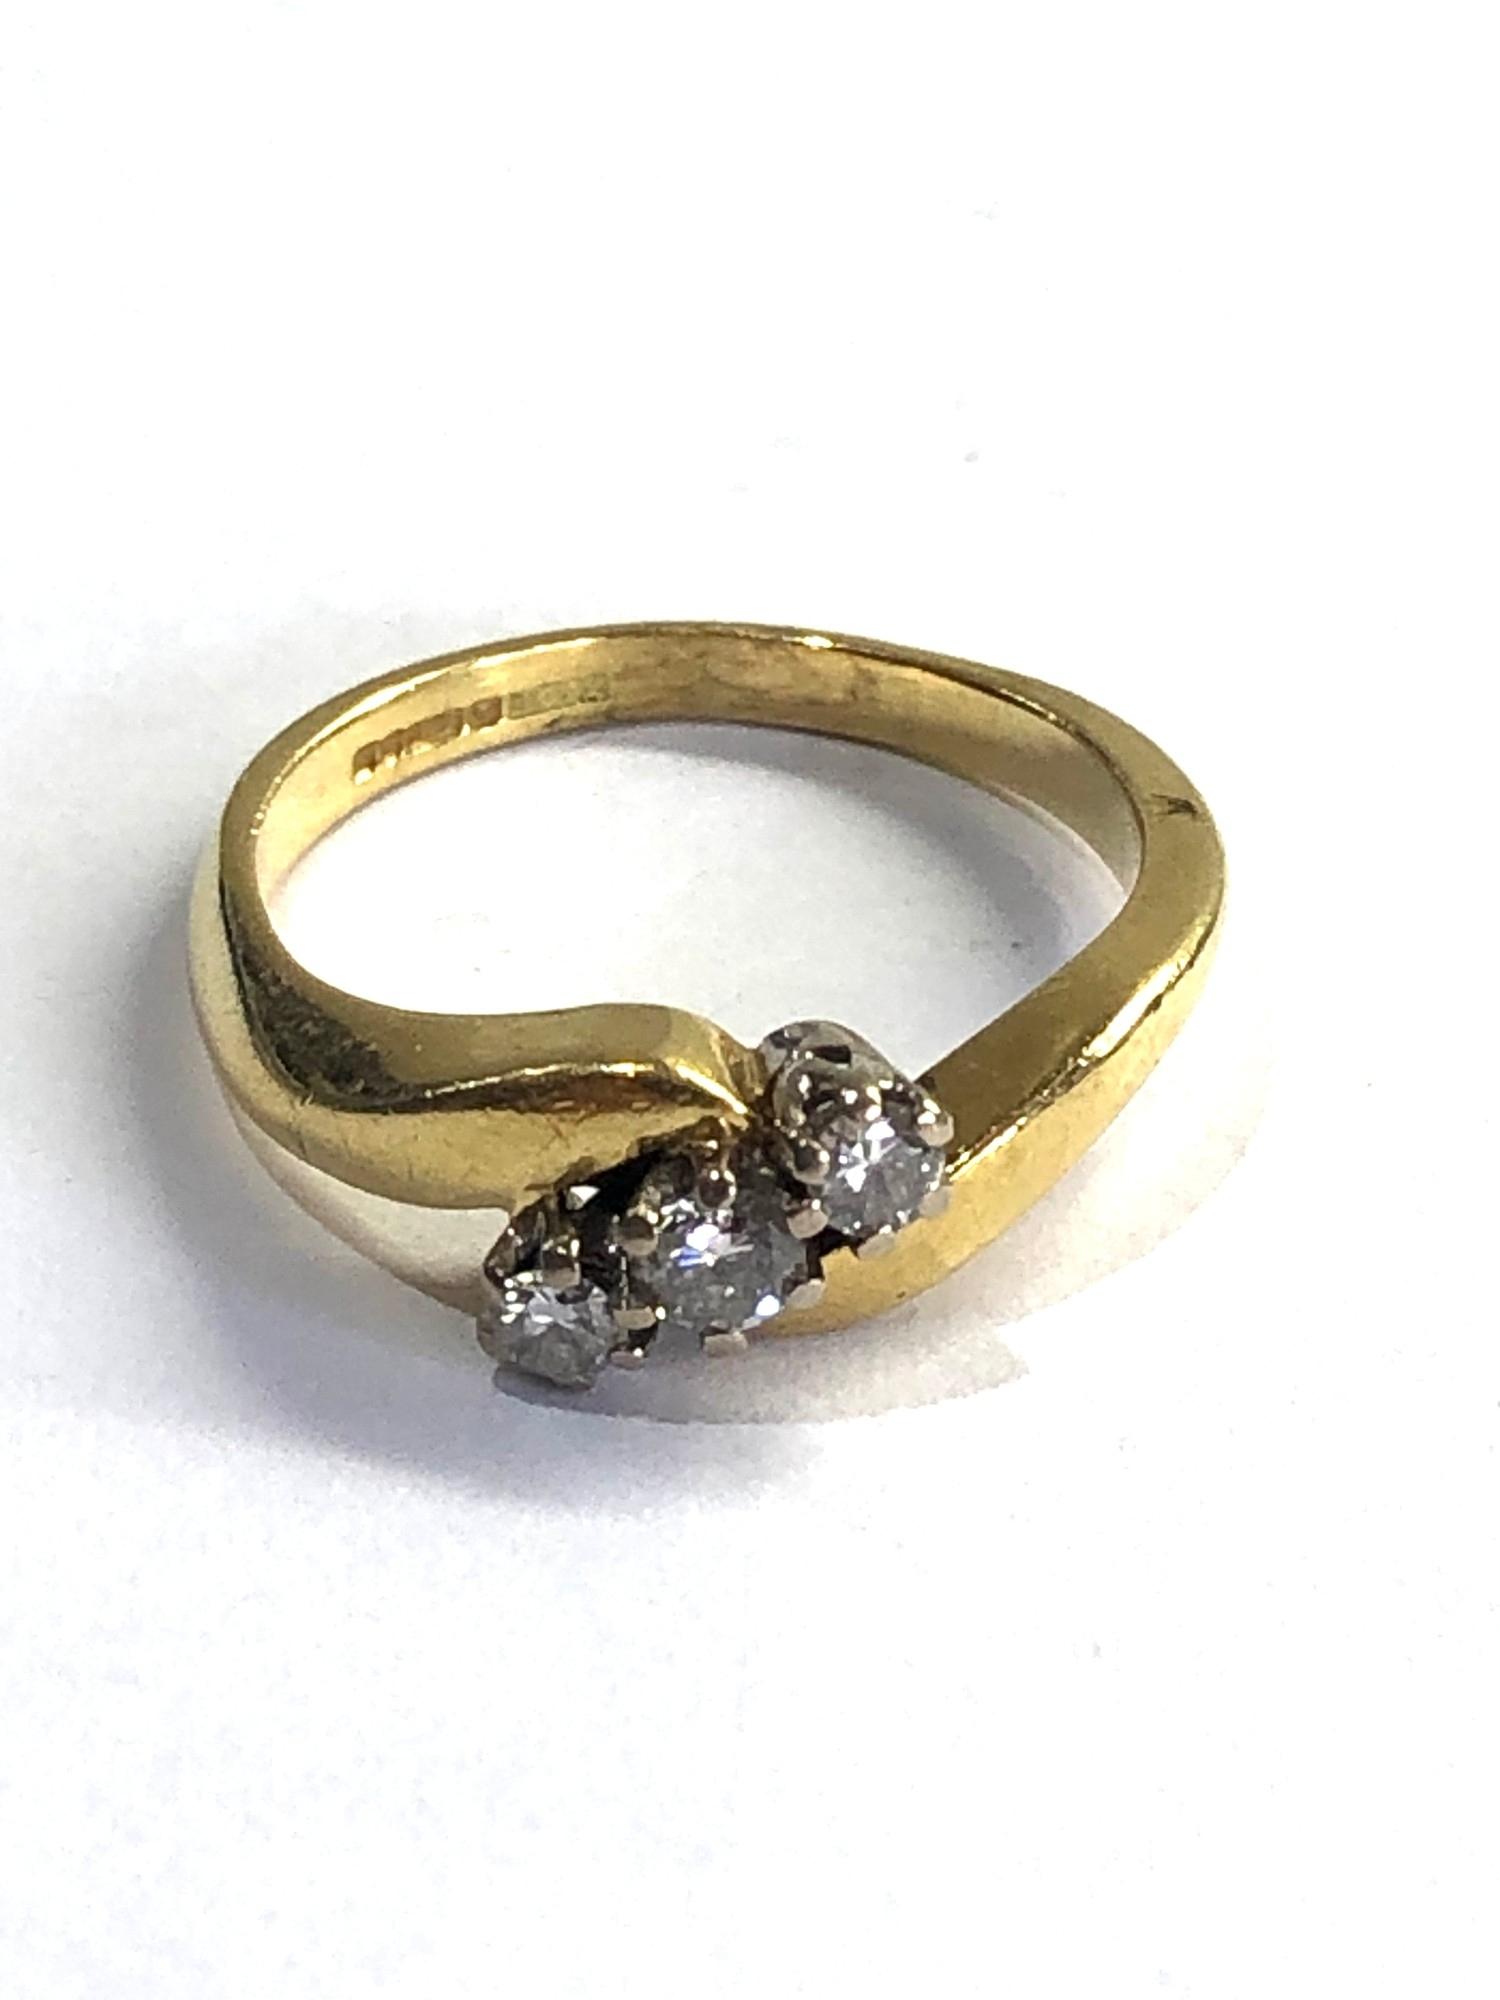 18ct gold diamond ring 0.25ct diamonds weight 4.3g